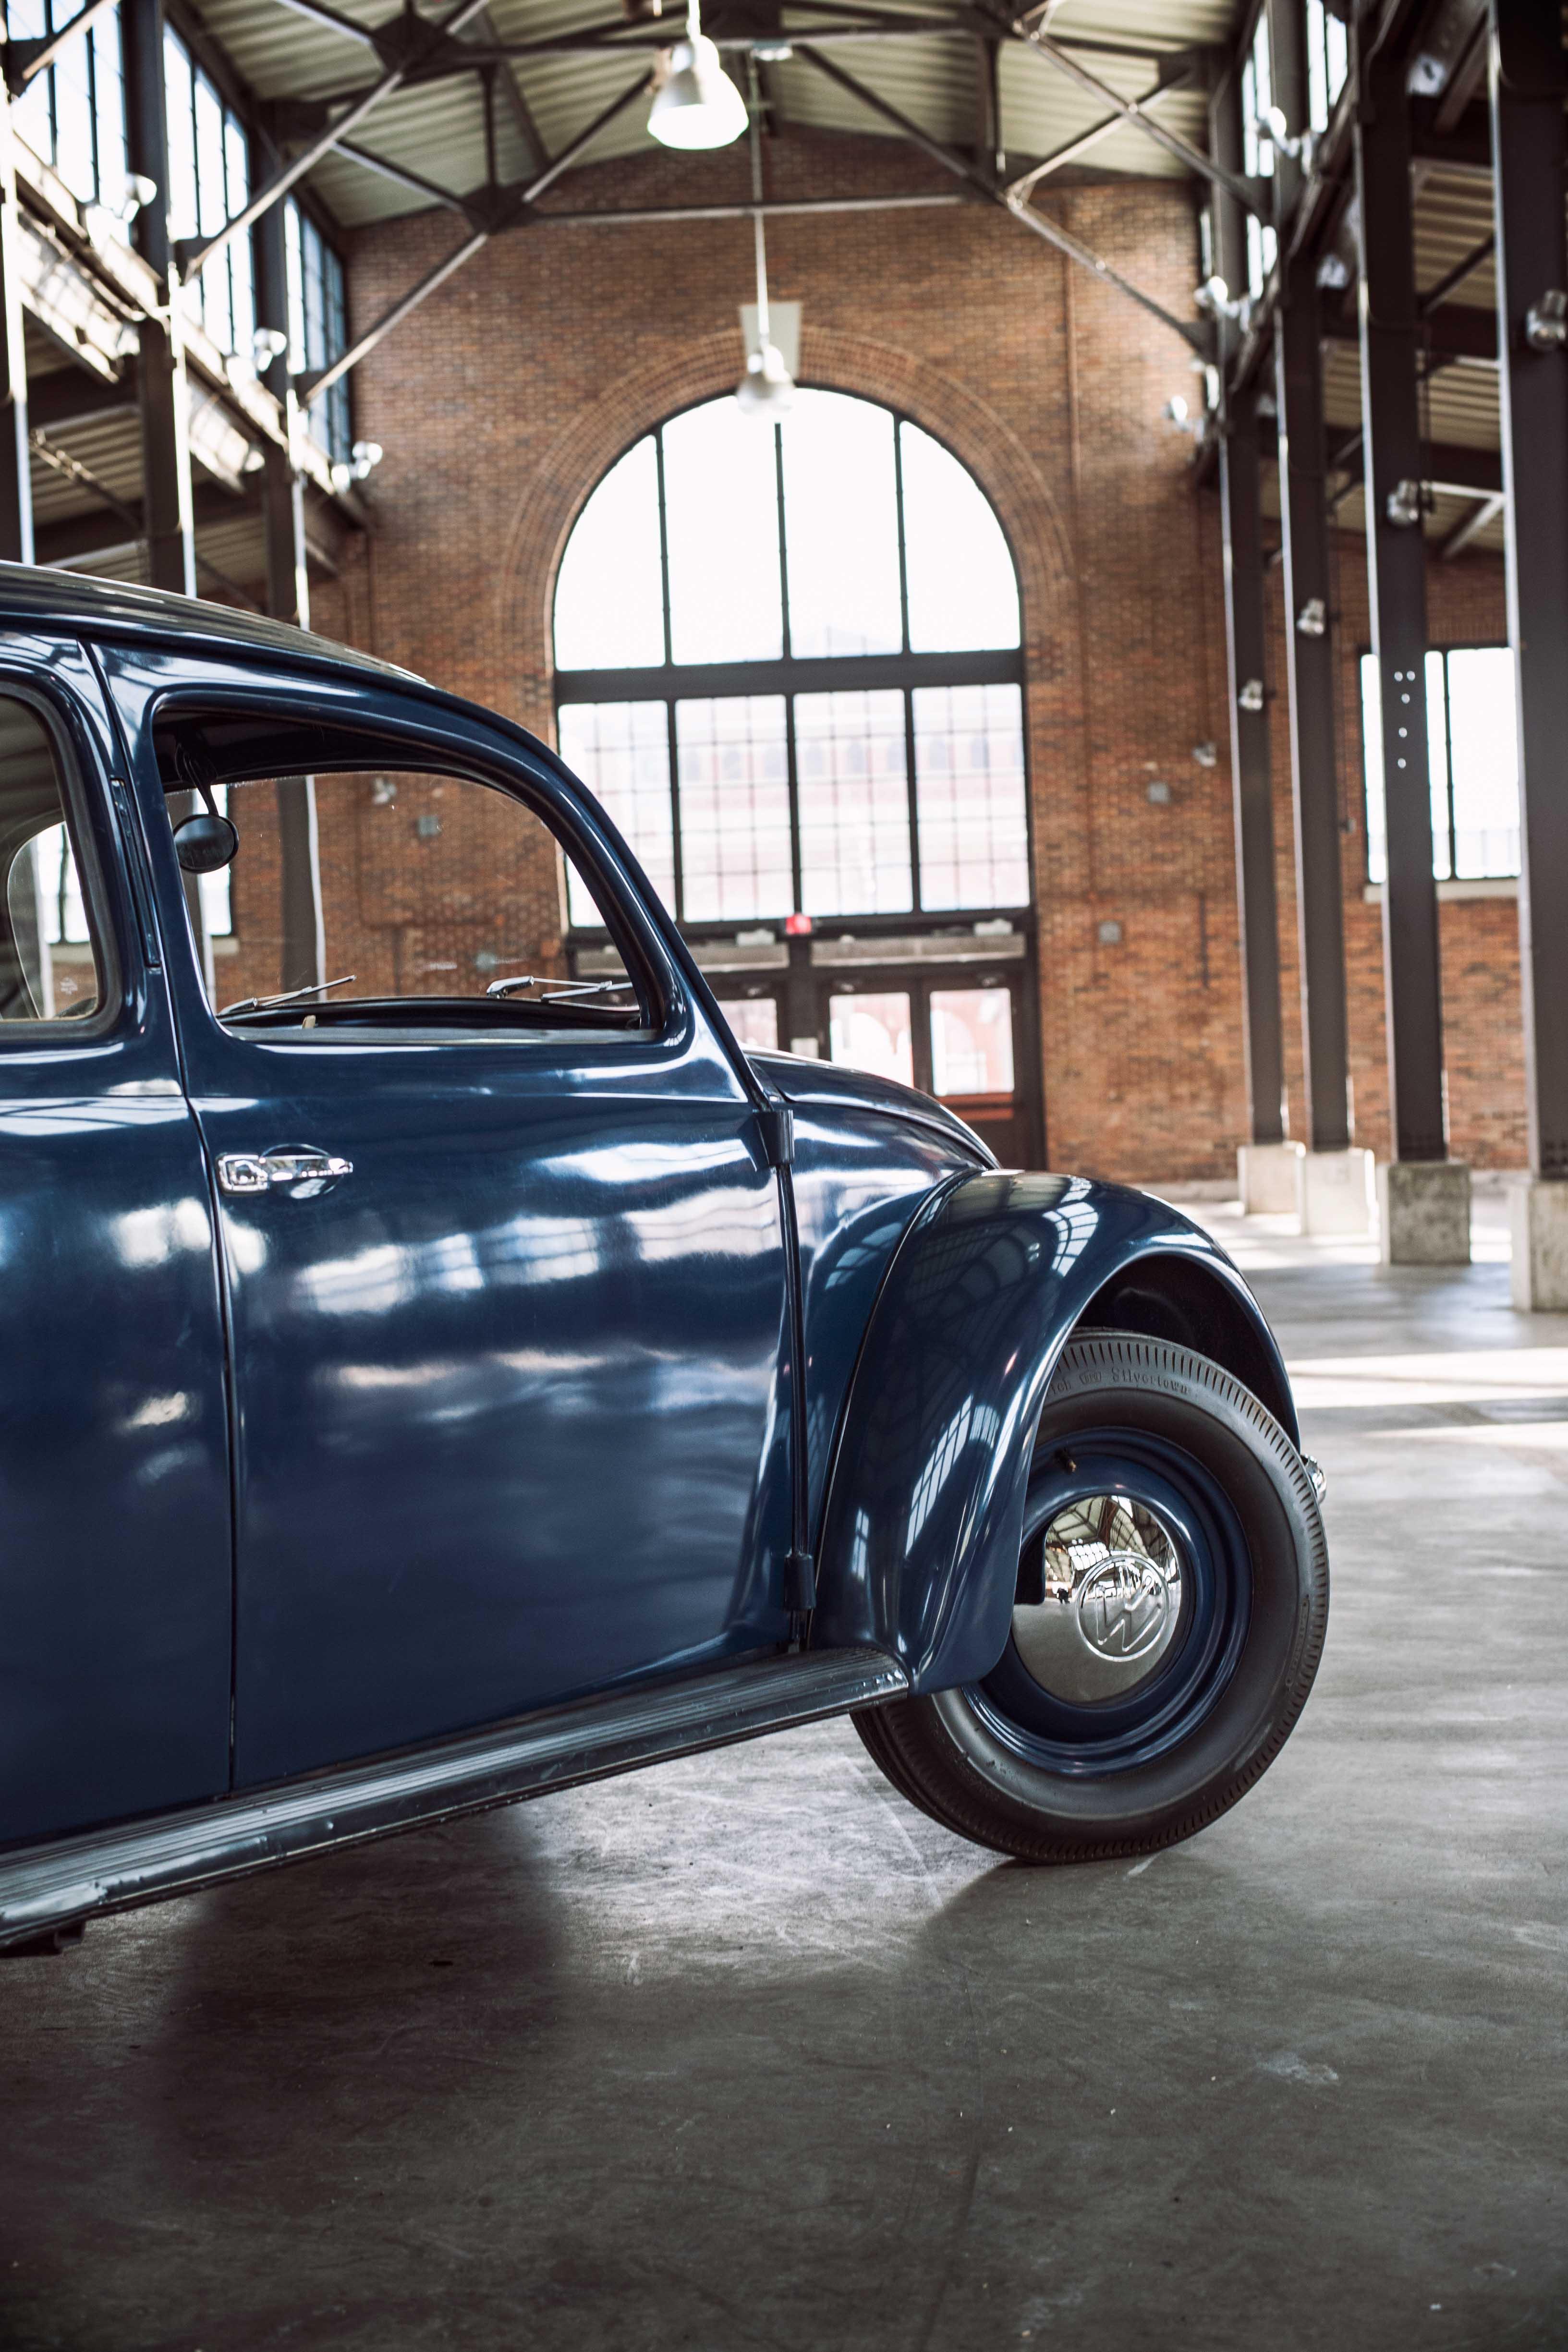 1949 Volkswagen front side